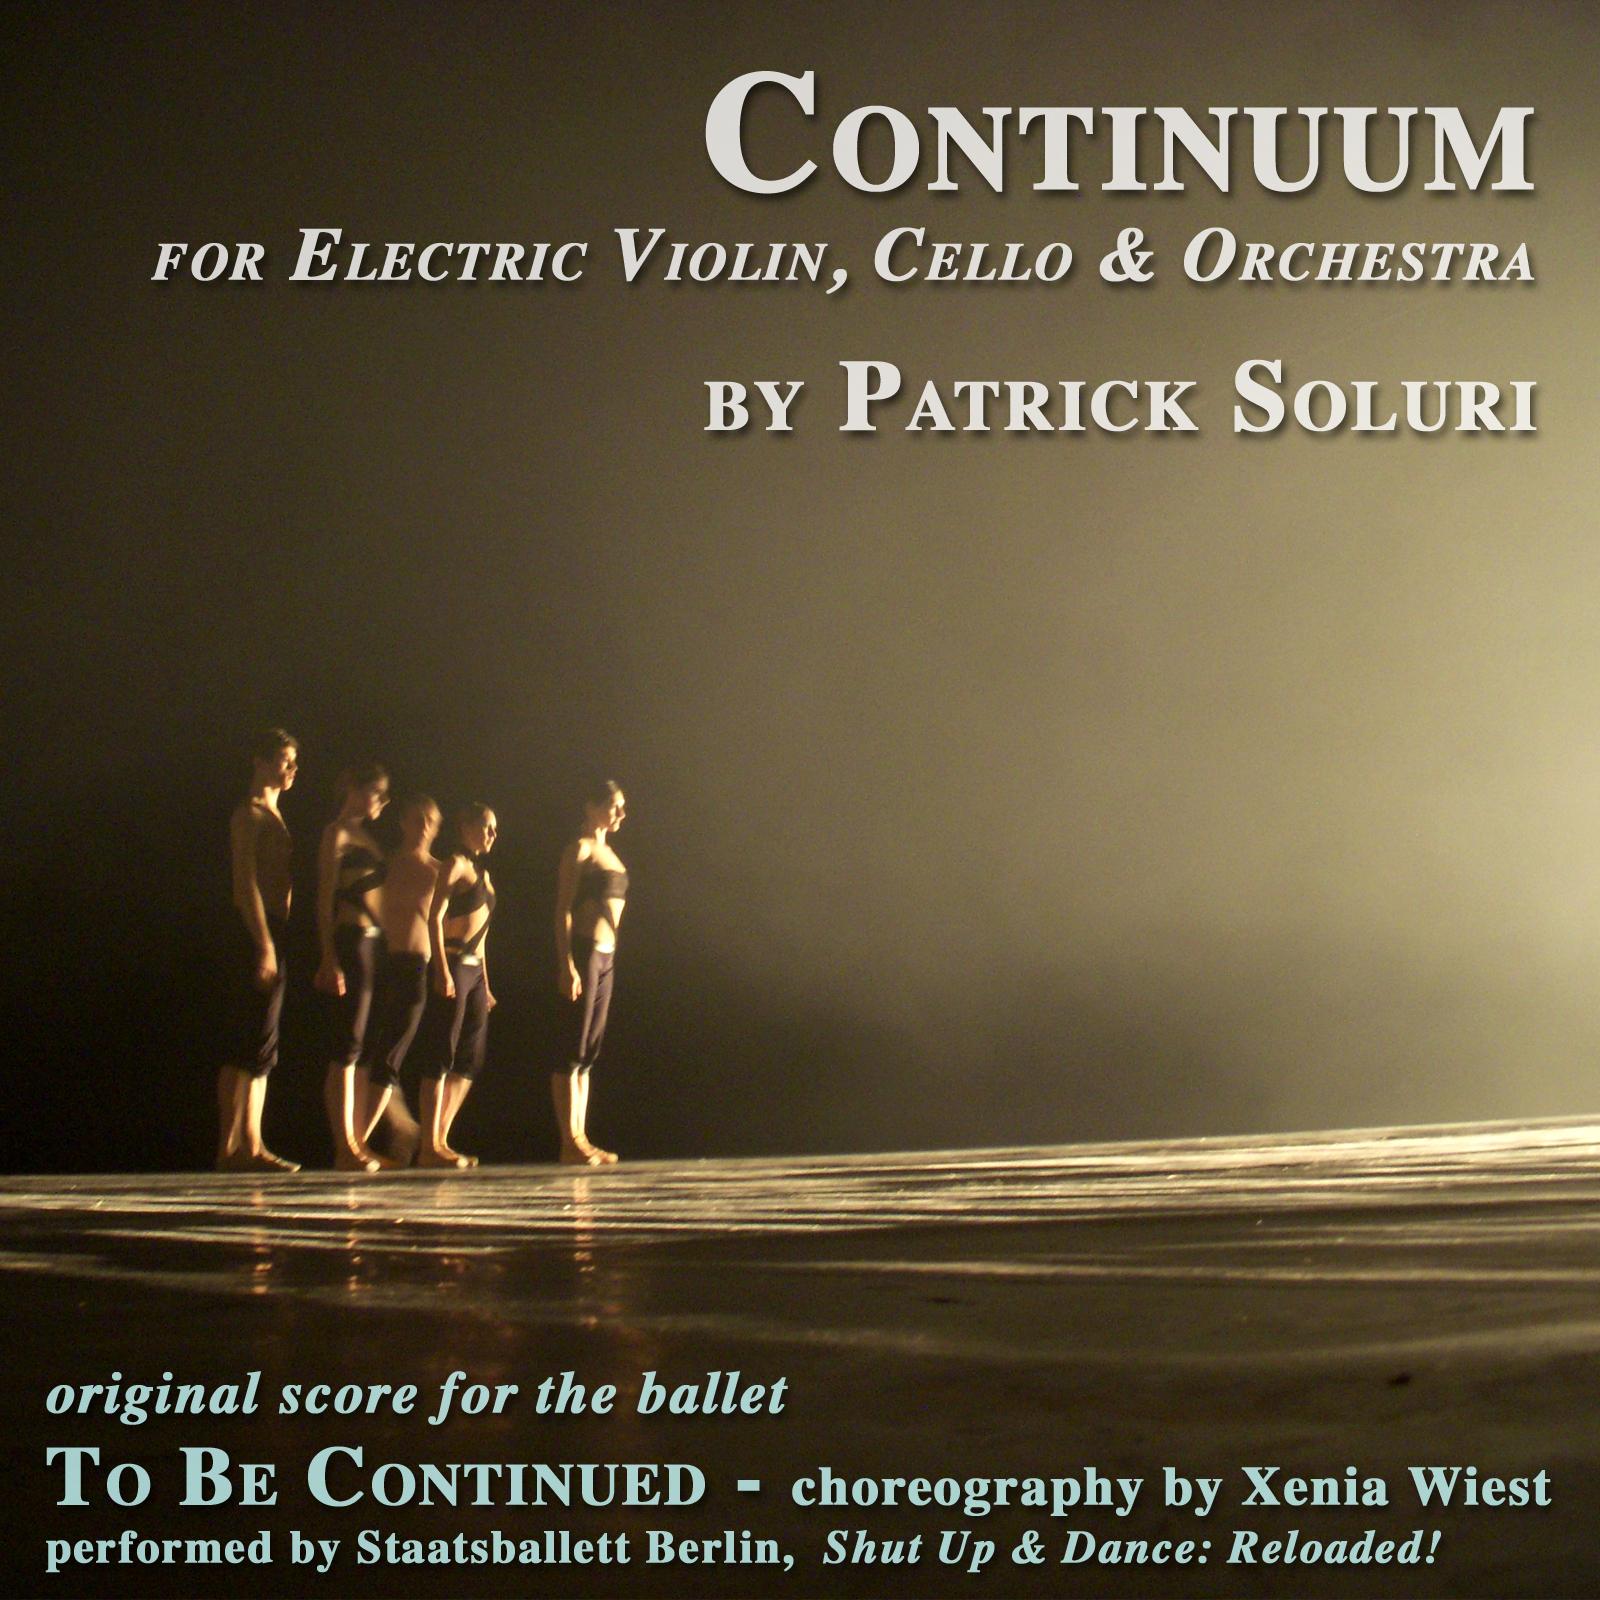 Continuum-cover.jpg